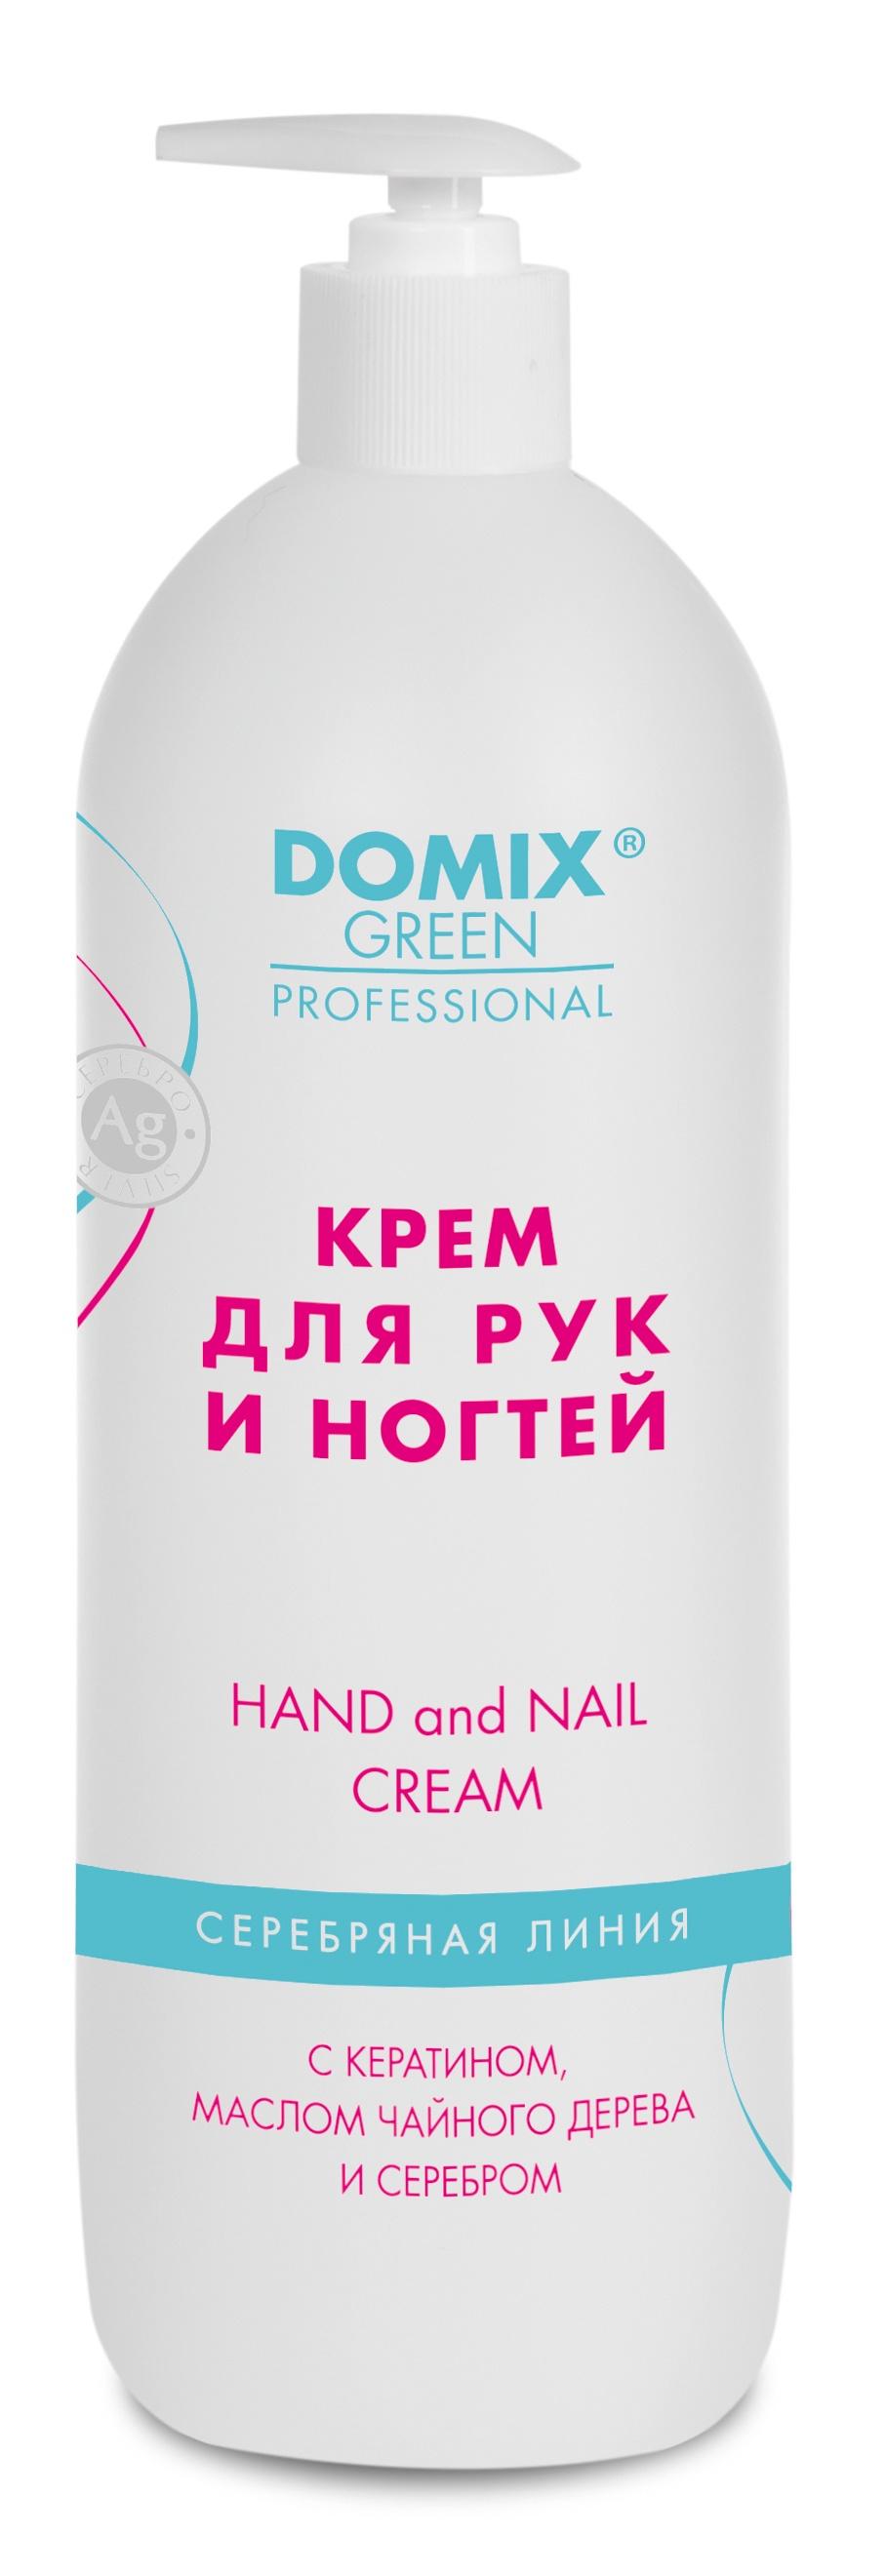 купить косметику domix